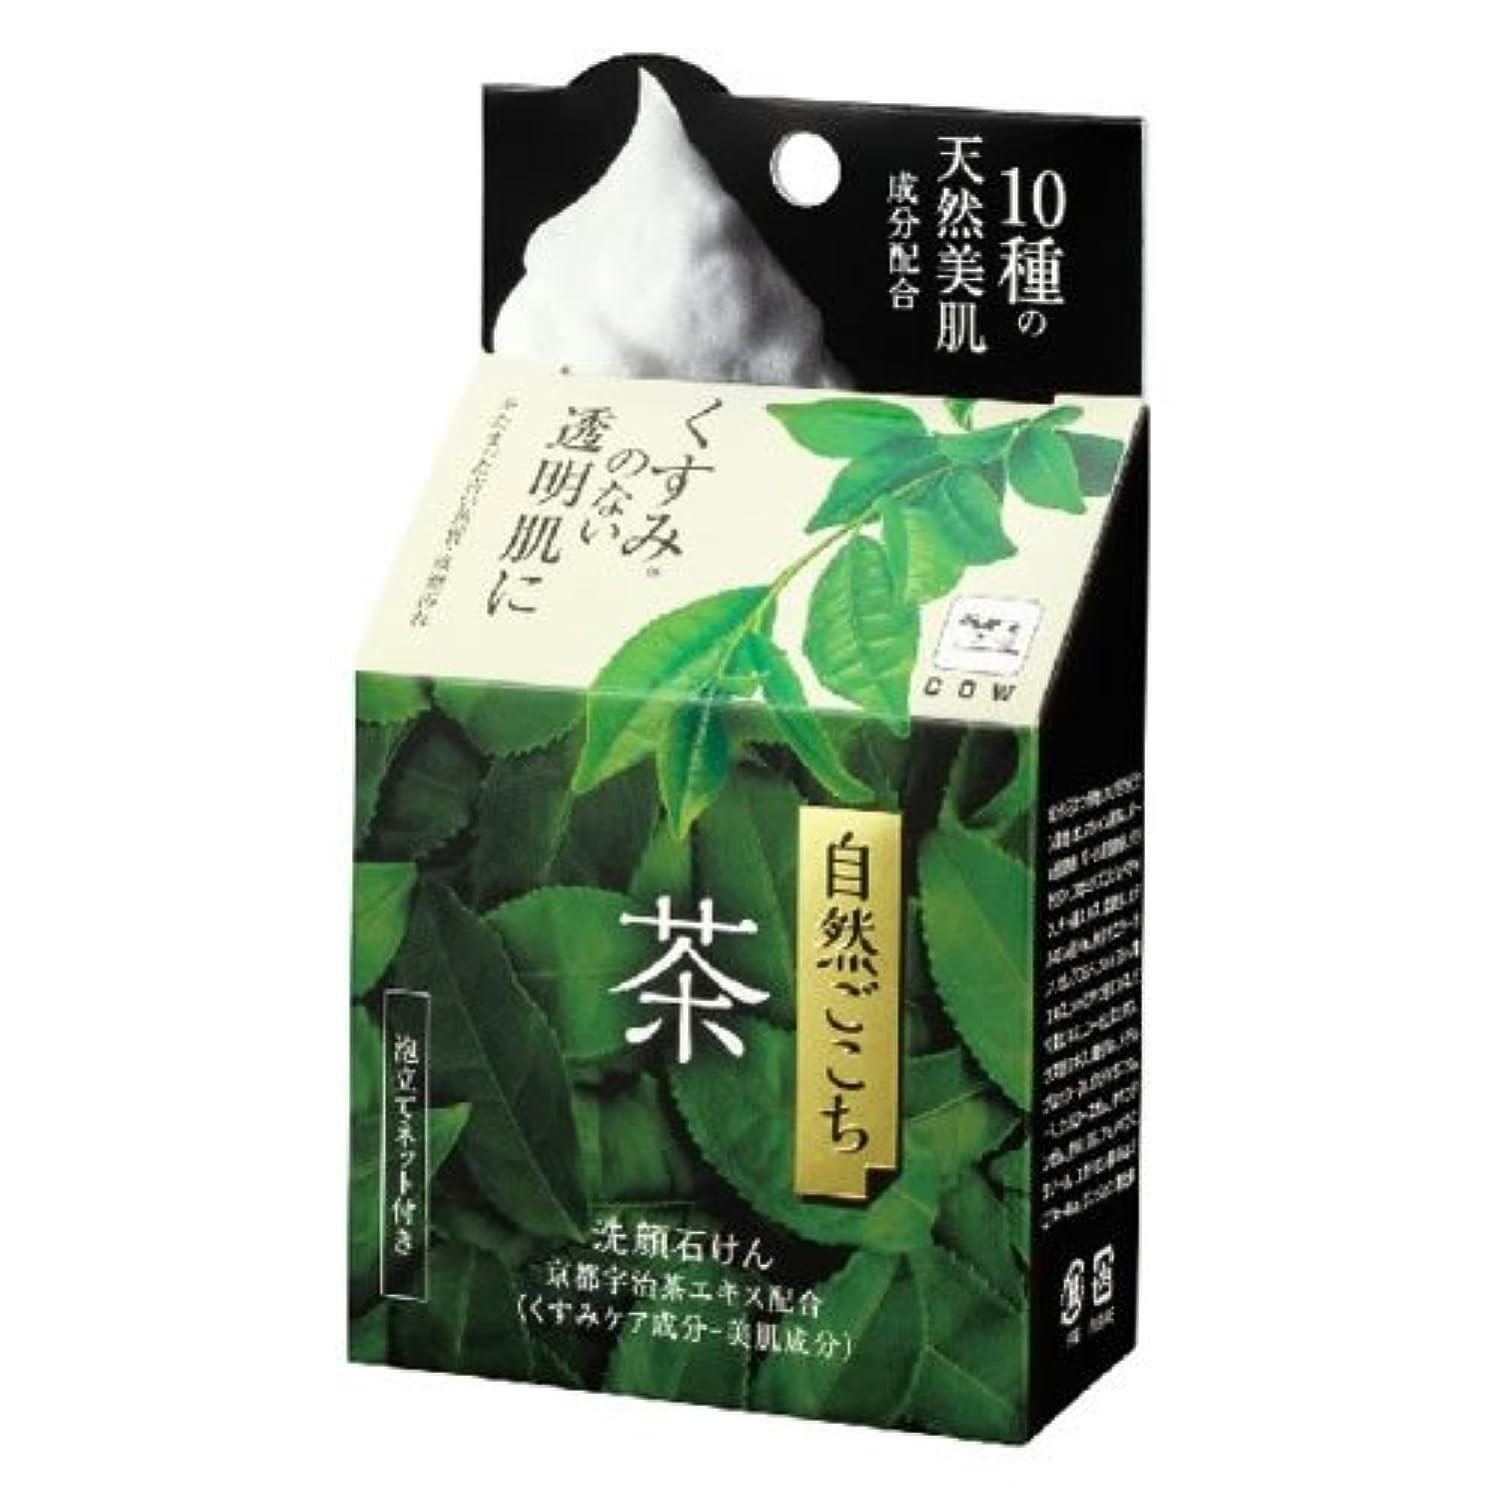 戦艦制限する恥ずかしさ牛乳石鹸共進社 自然ごこち 茶 洗顔石けん 80g (お茶エキス配合洗顔せっけん) ×48点セット (4901525002288)